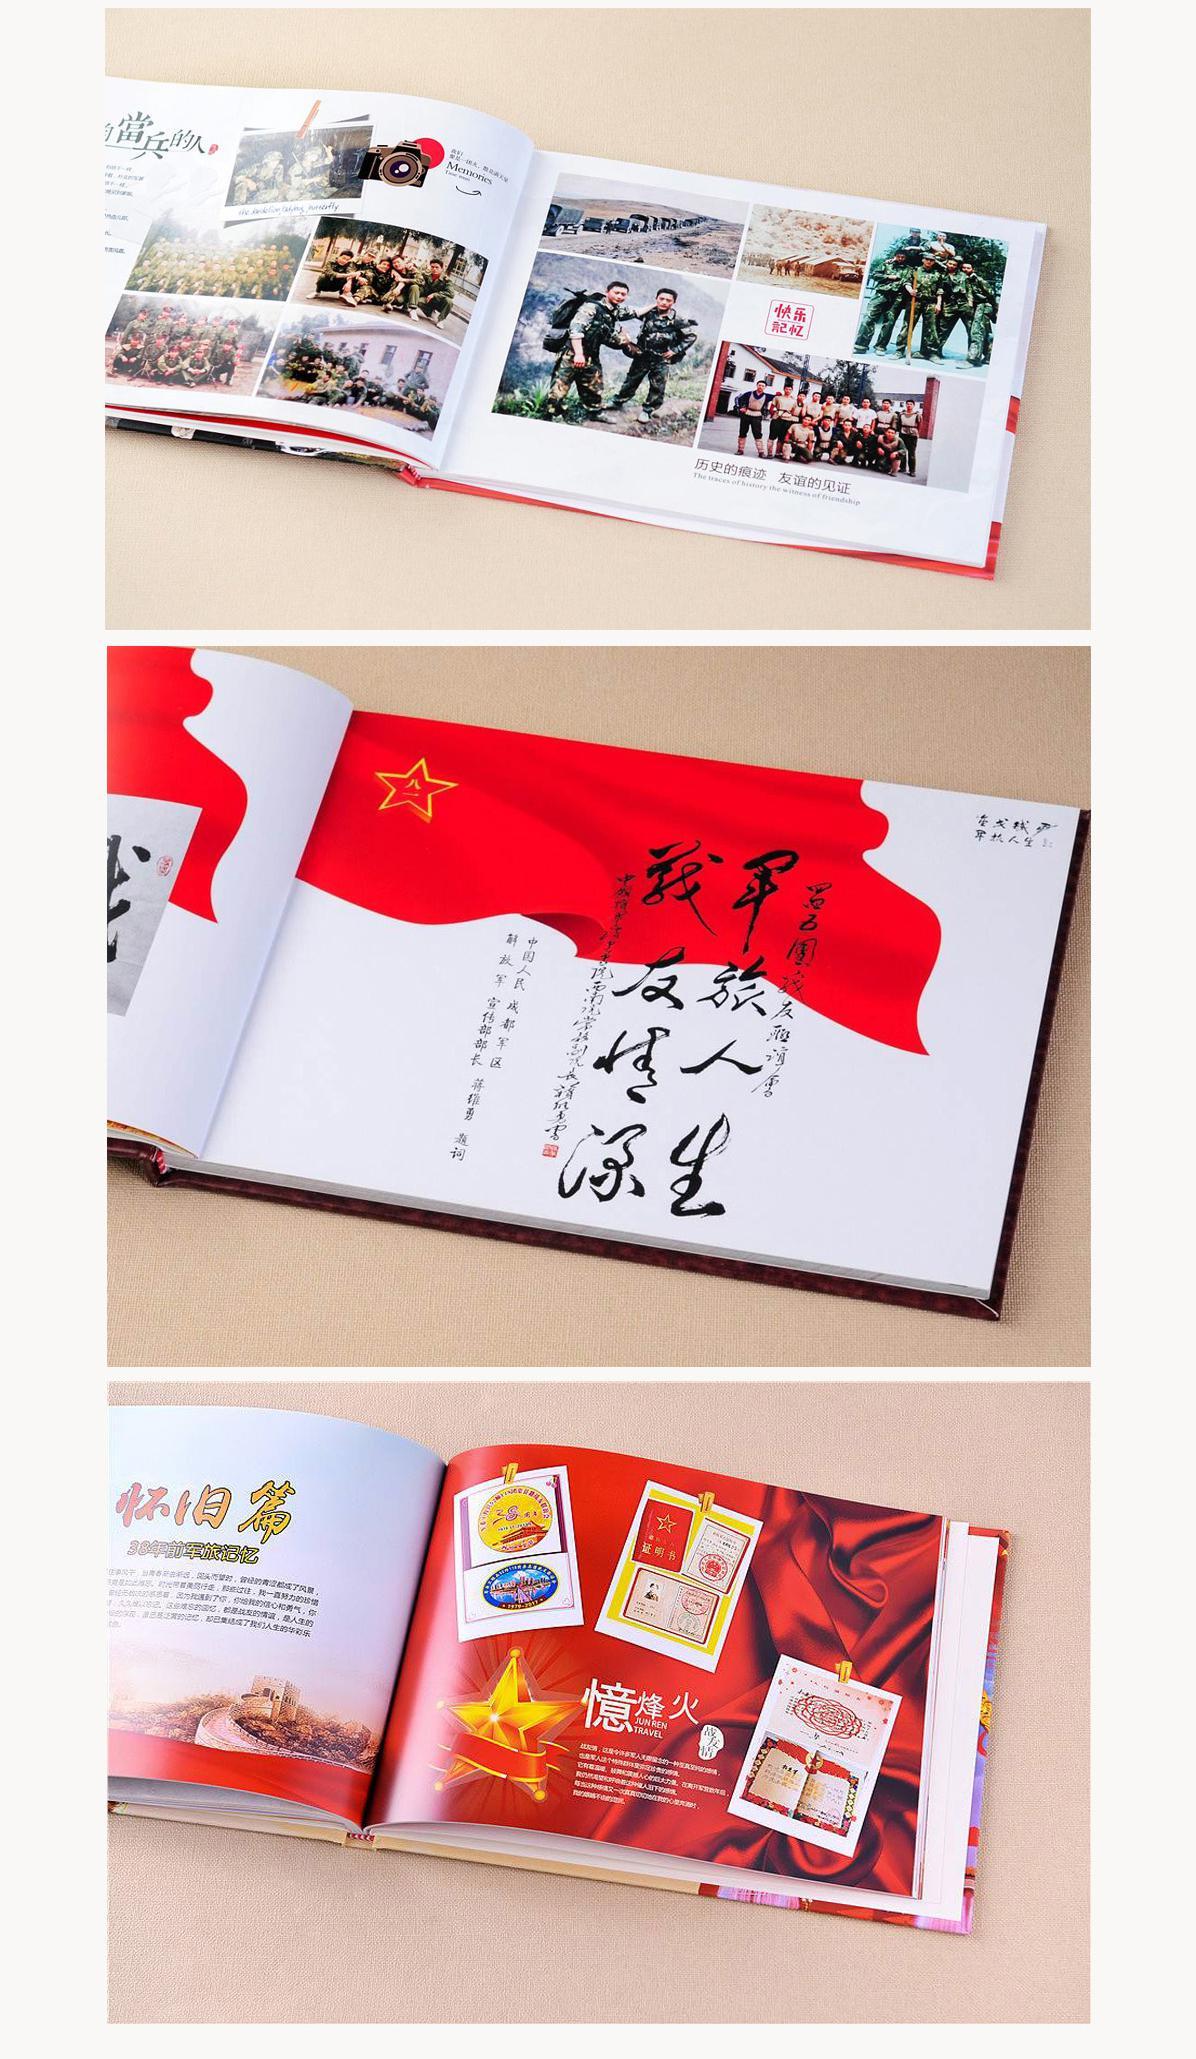 相册-军旅10.jpg